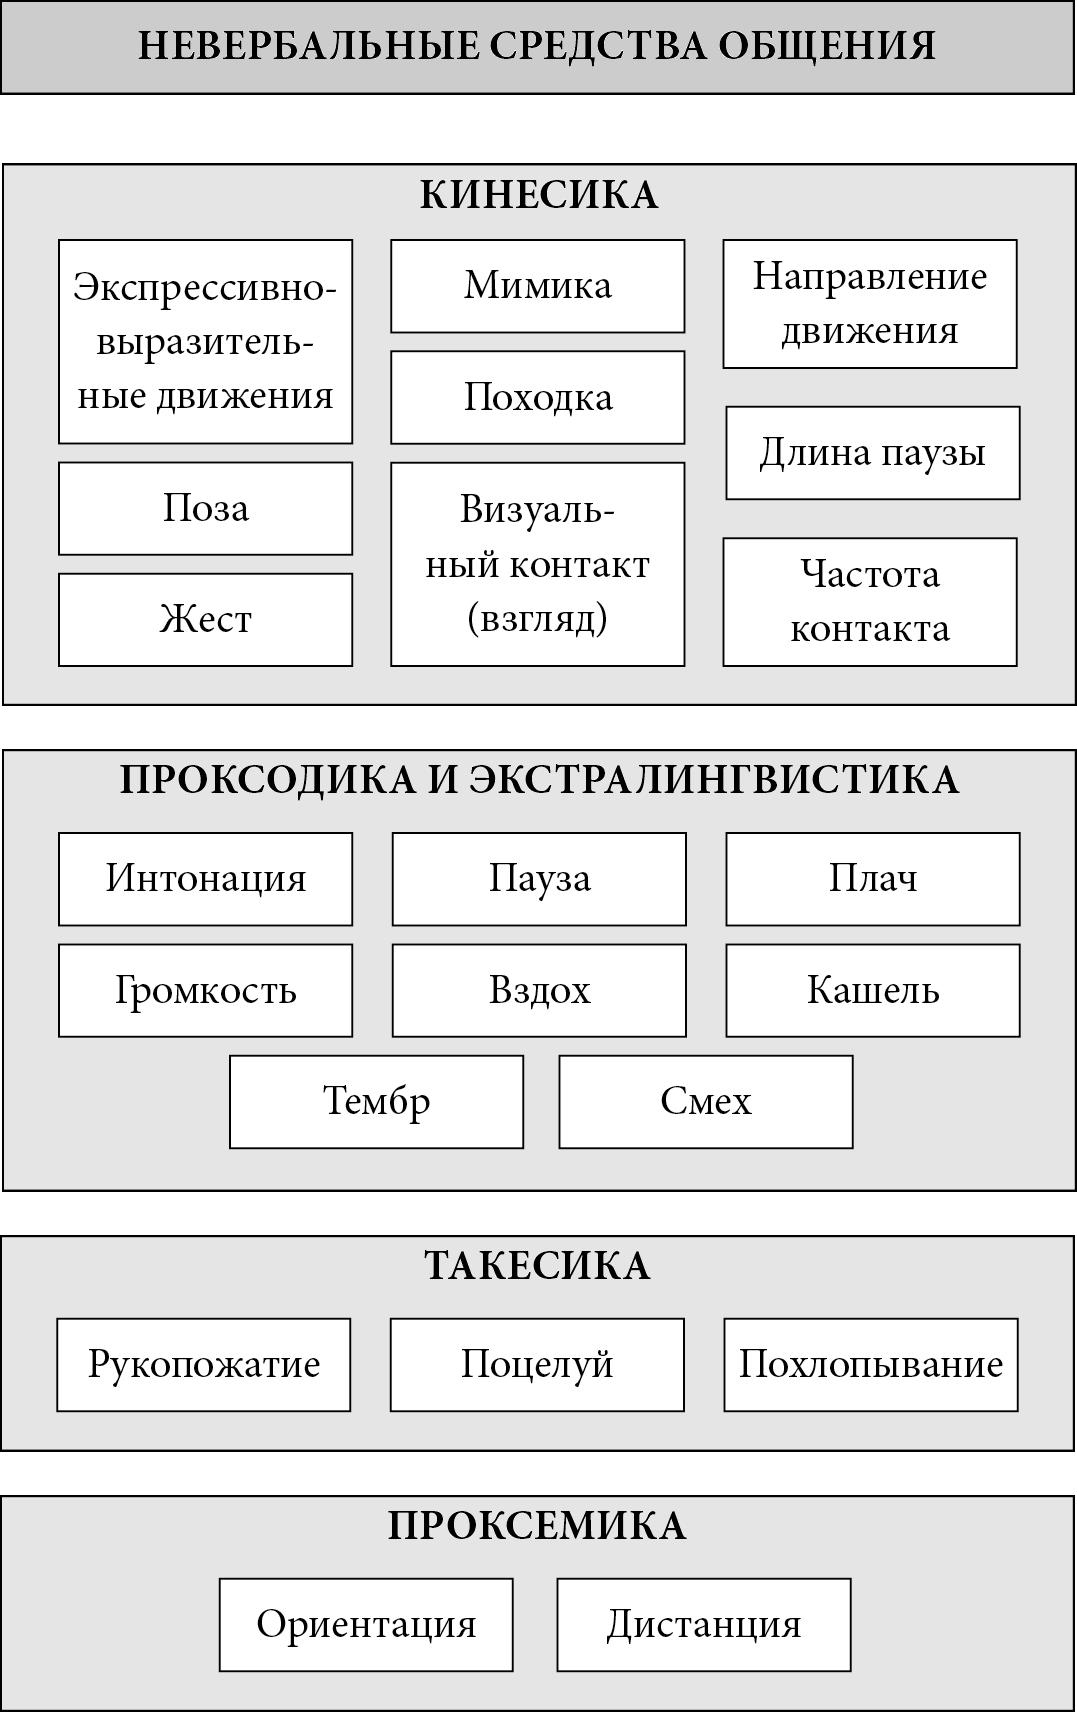 Шпаргалка Система Невербальных Средств Общения И Их Функции